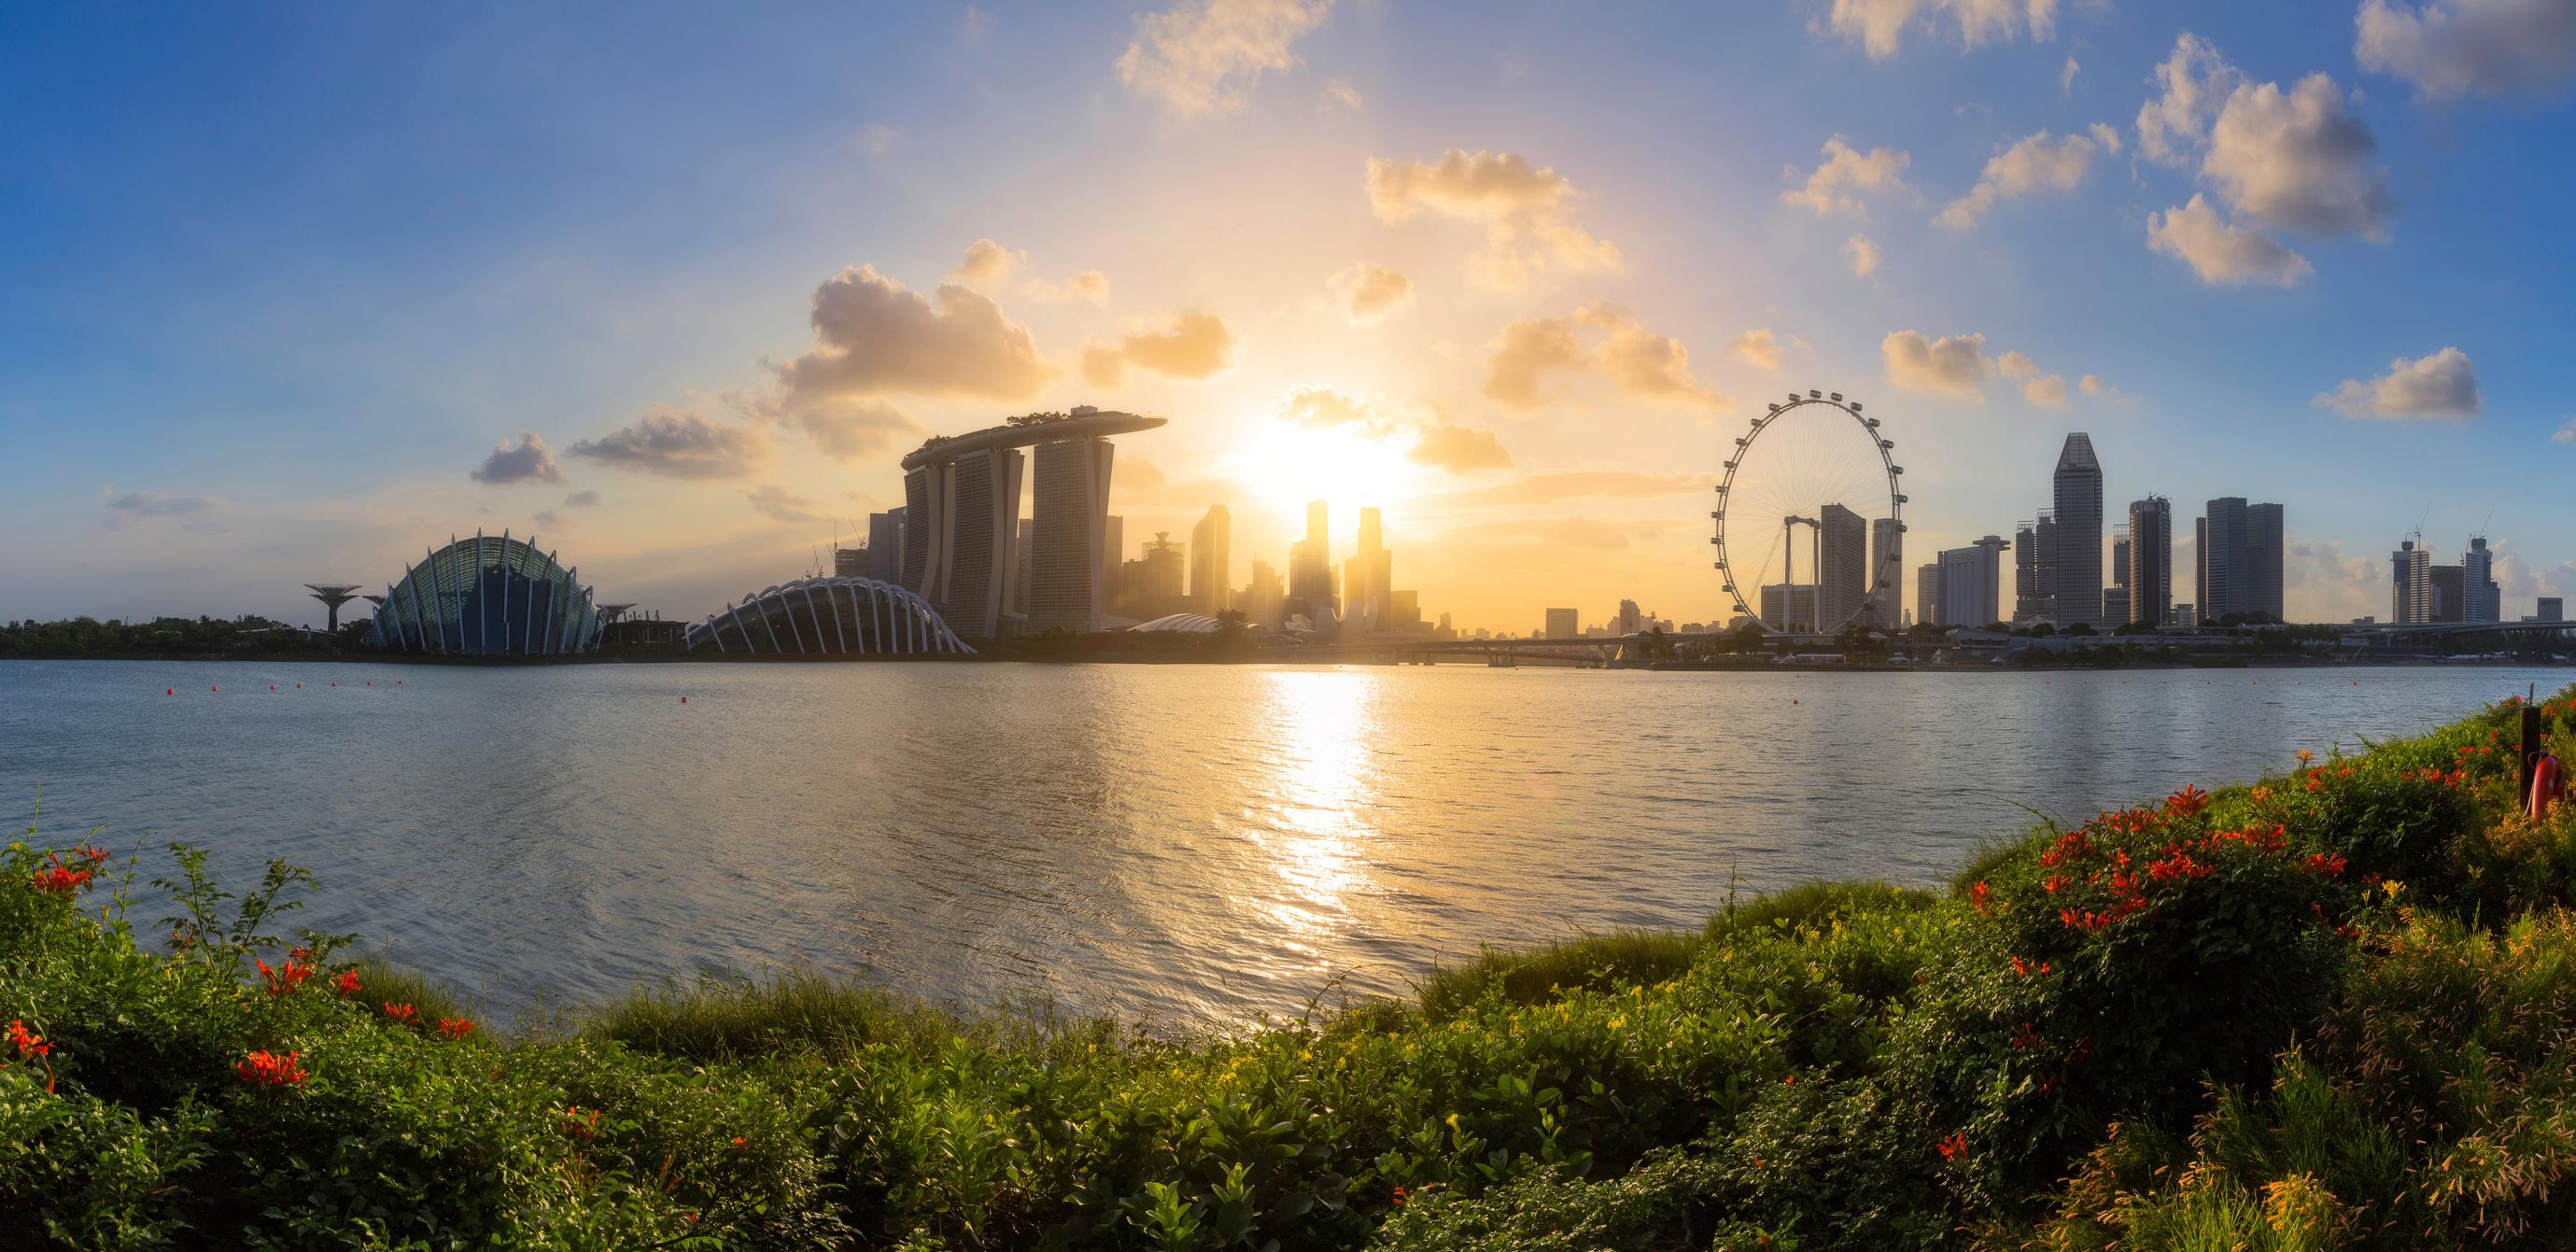 【亲子游】心享狮城新加坡6日游【纯玩/环球影城/日间